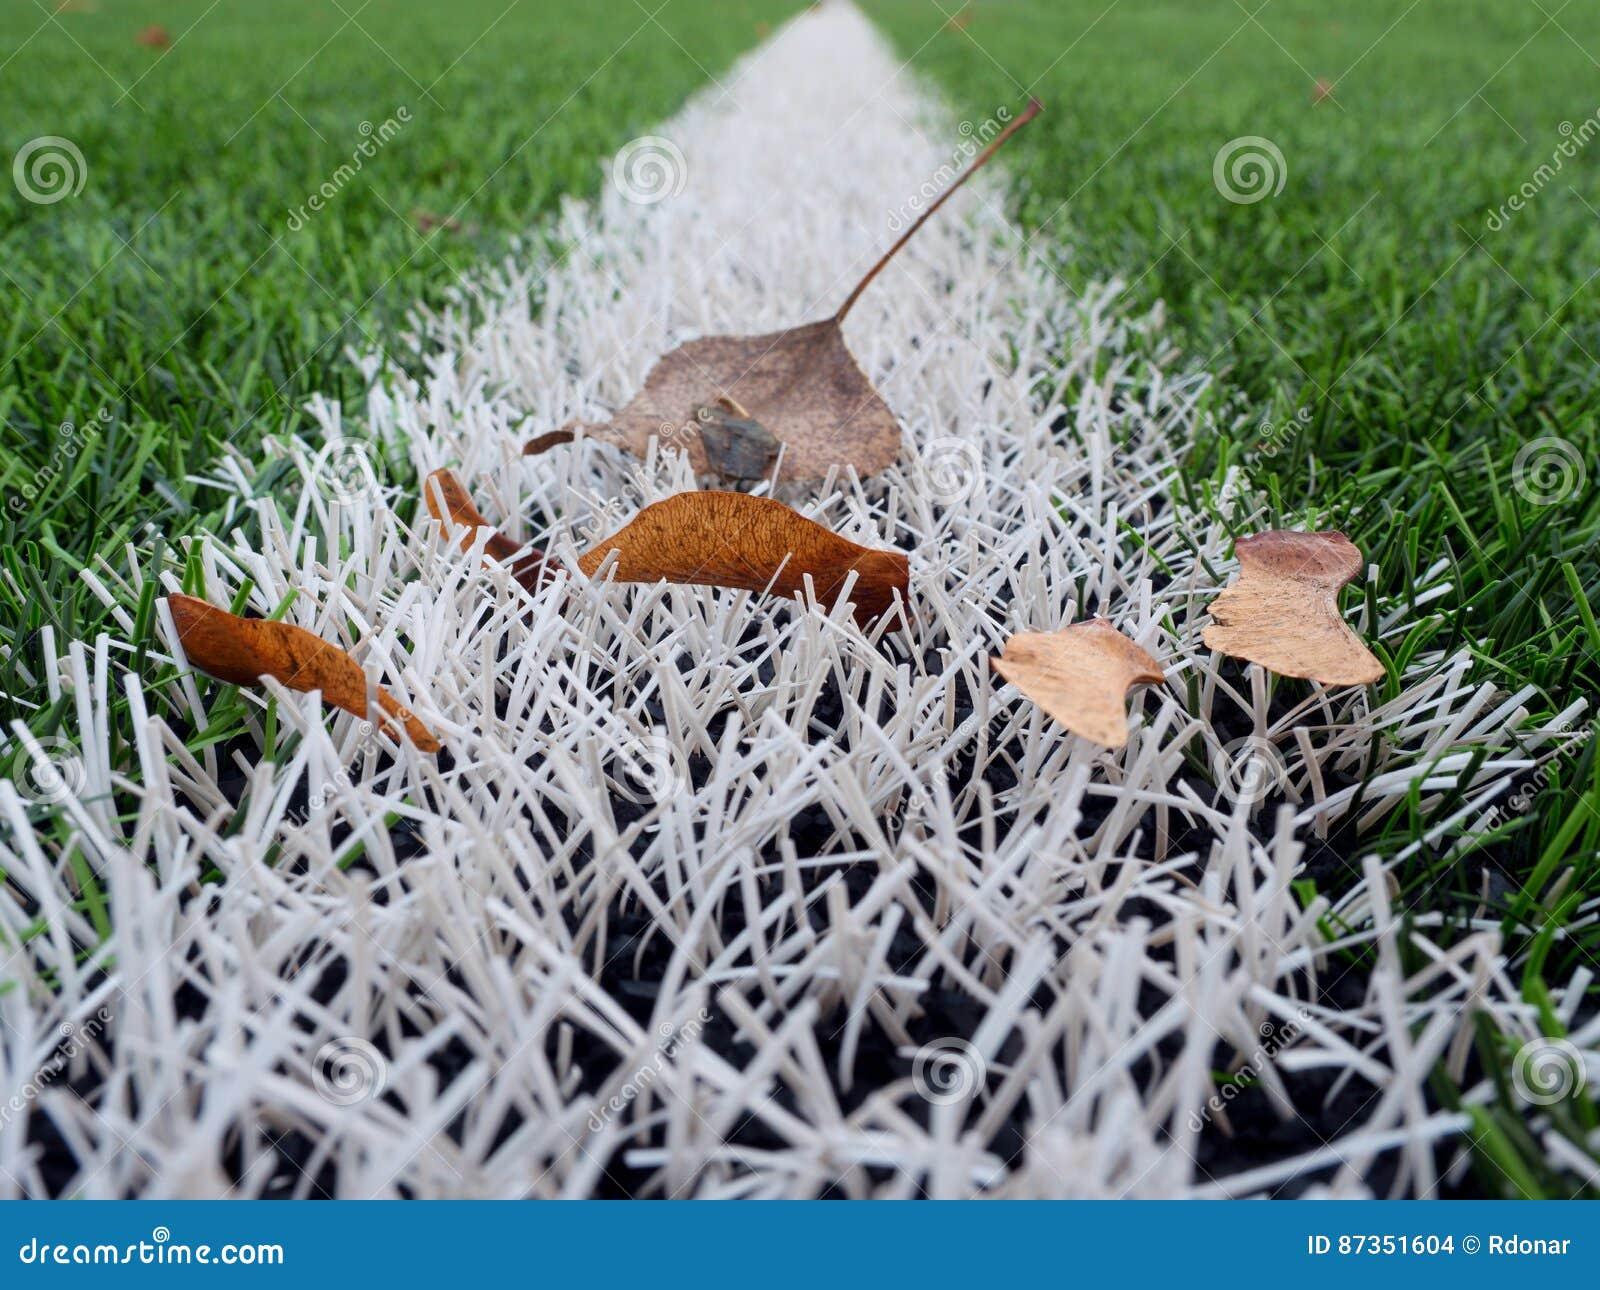 Conclusione della stagione di calcio tappeto erboso verde for Tappeto erboso a rotoli prezzi